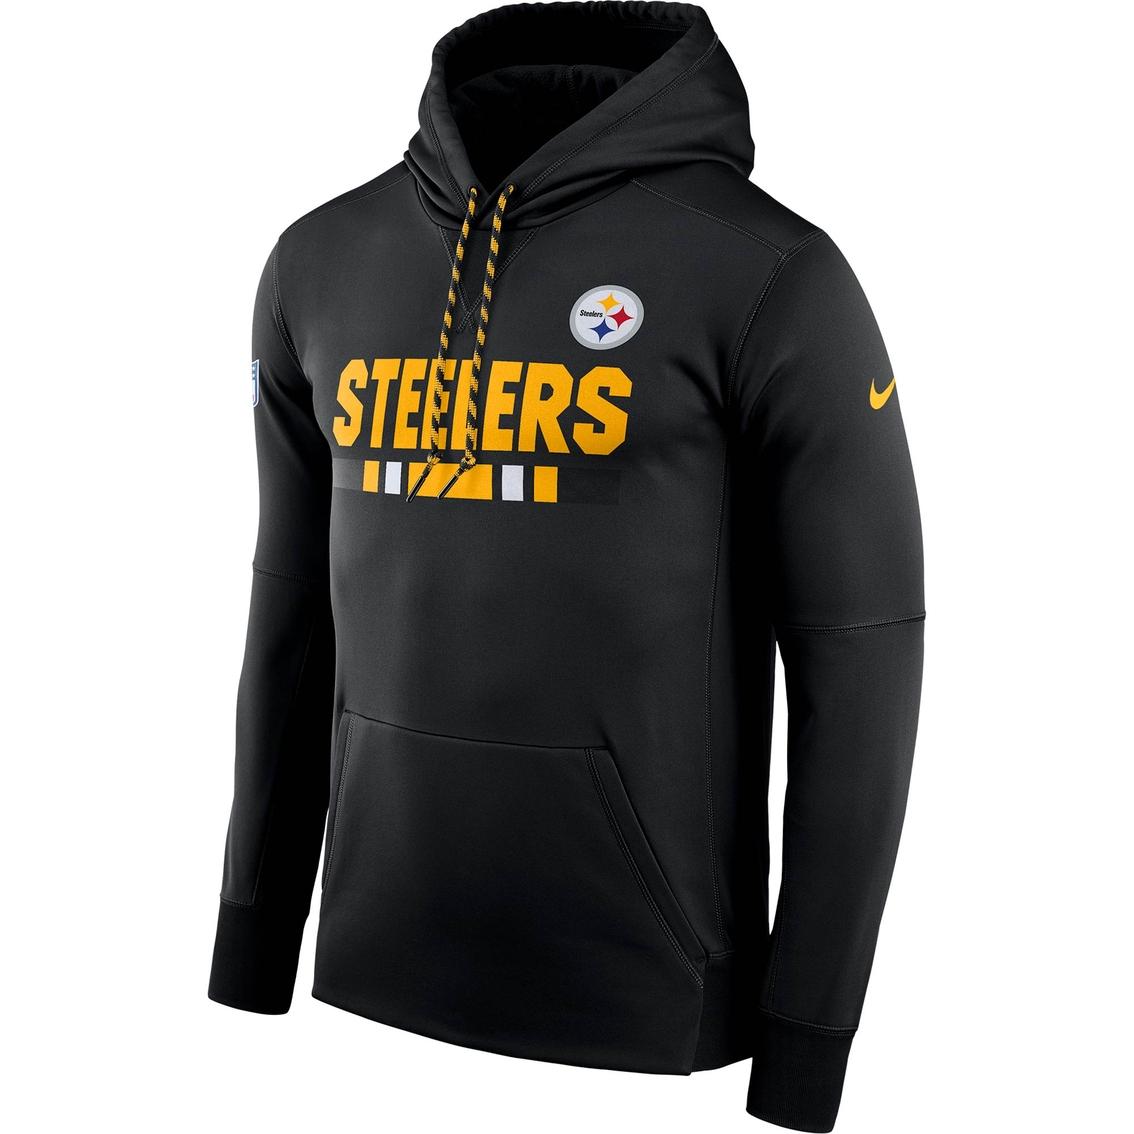 free shipping 10381 25bdc Nike Nfl Pittsburgh Steelers Therma Hoodie   Hoodies ...